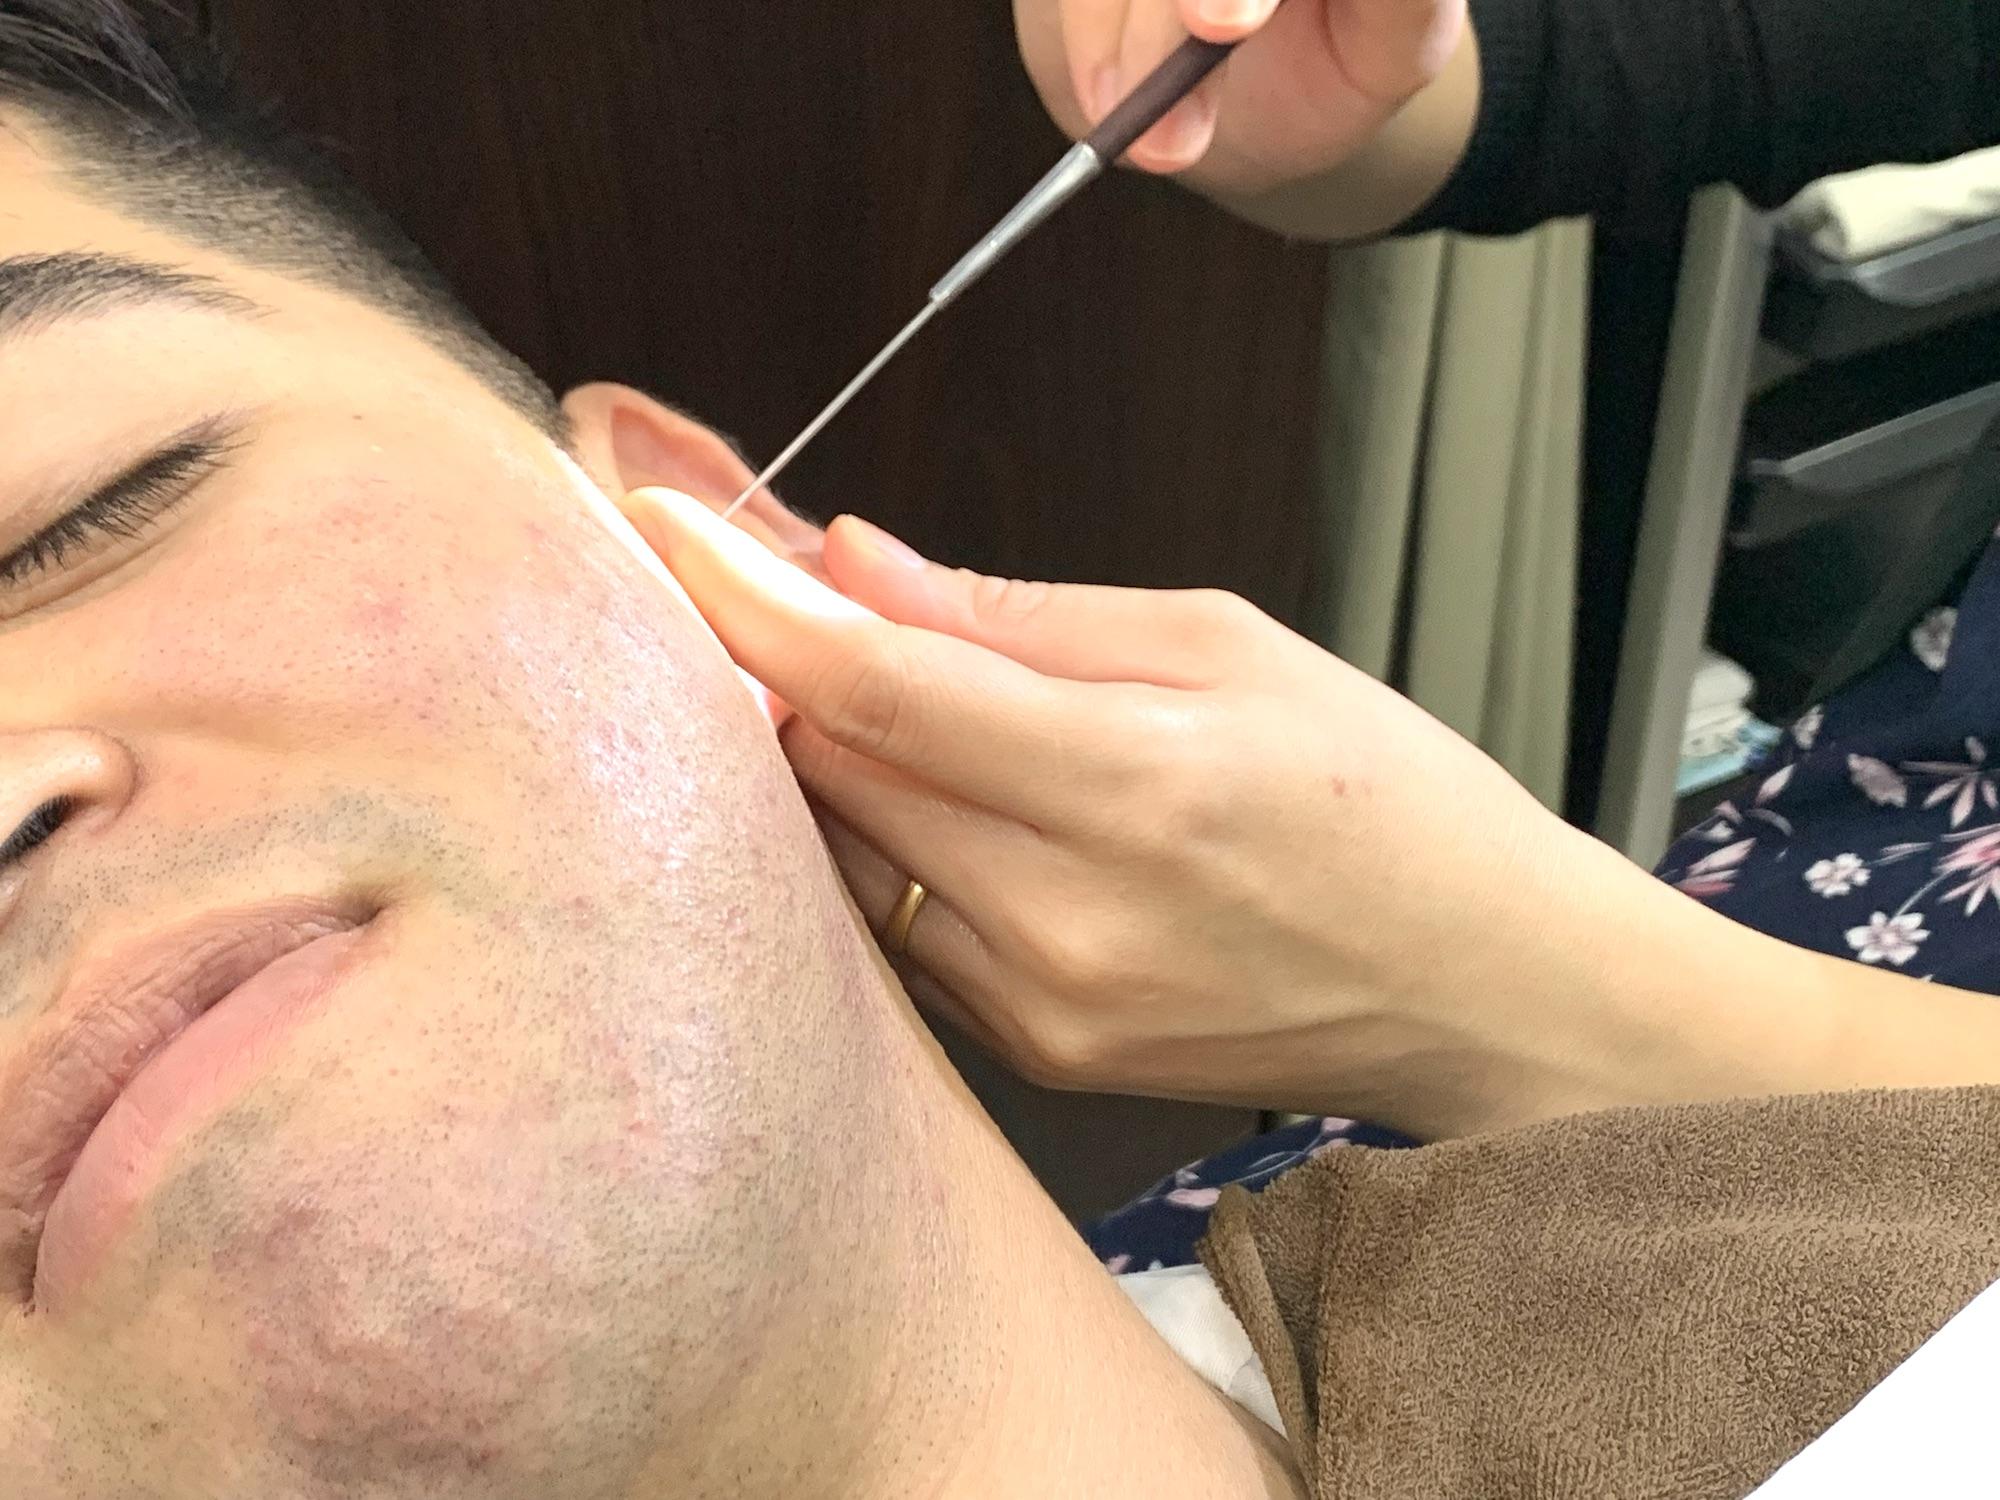 アトリエファイン,ホーチミン,美容室,美容院,日本人,耳掻き,耳かき,おすすめ